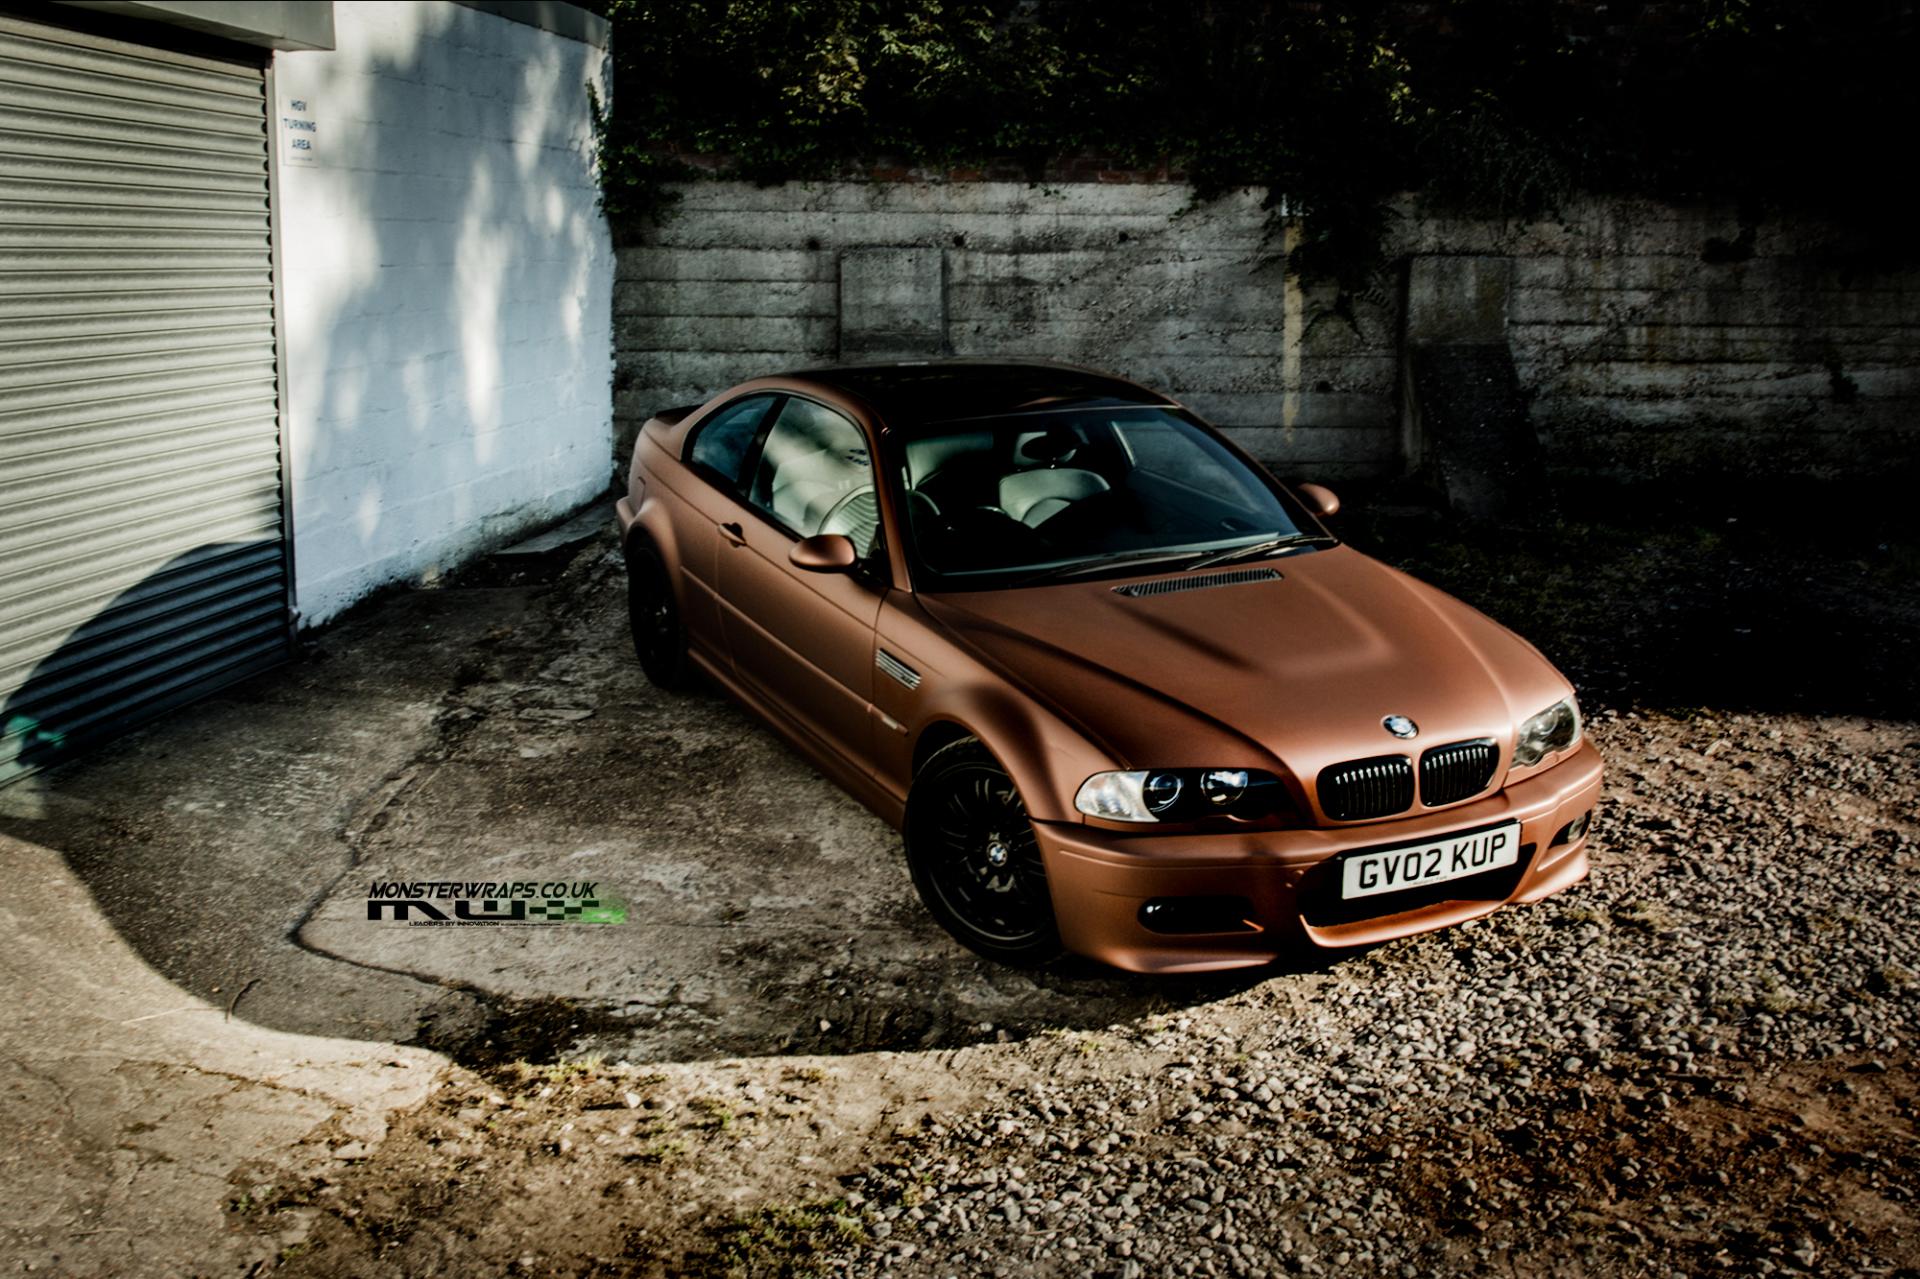 BMW M3 e46 Matte metallic brown car wrap 3M monsterwraps